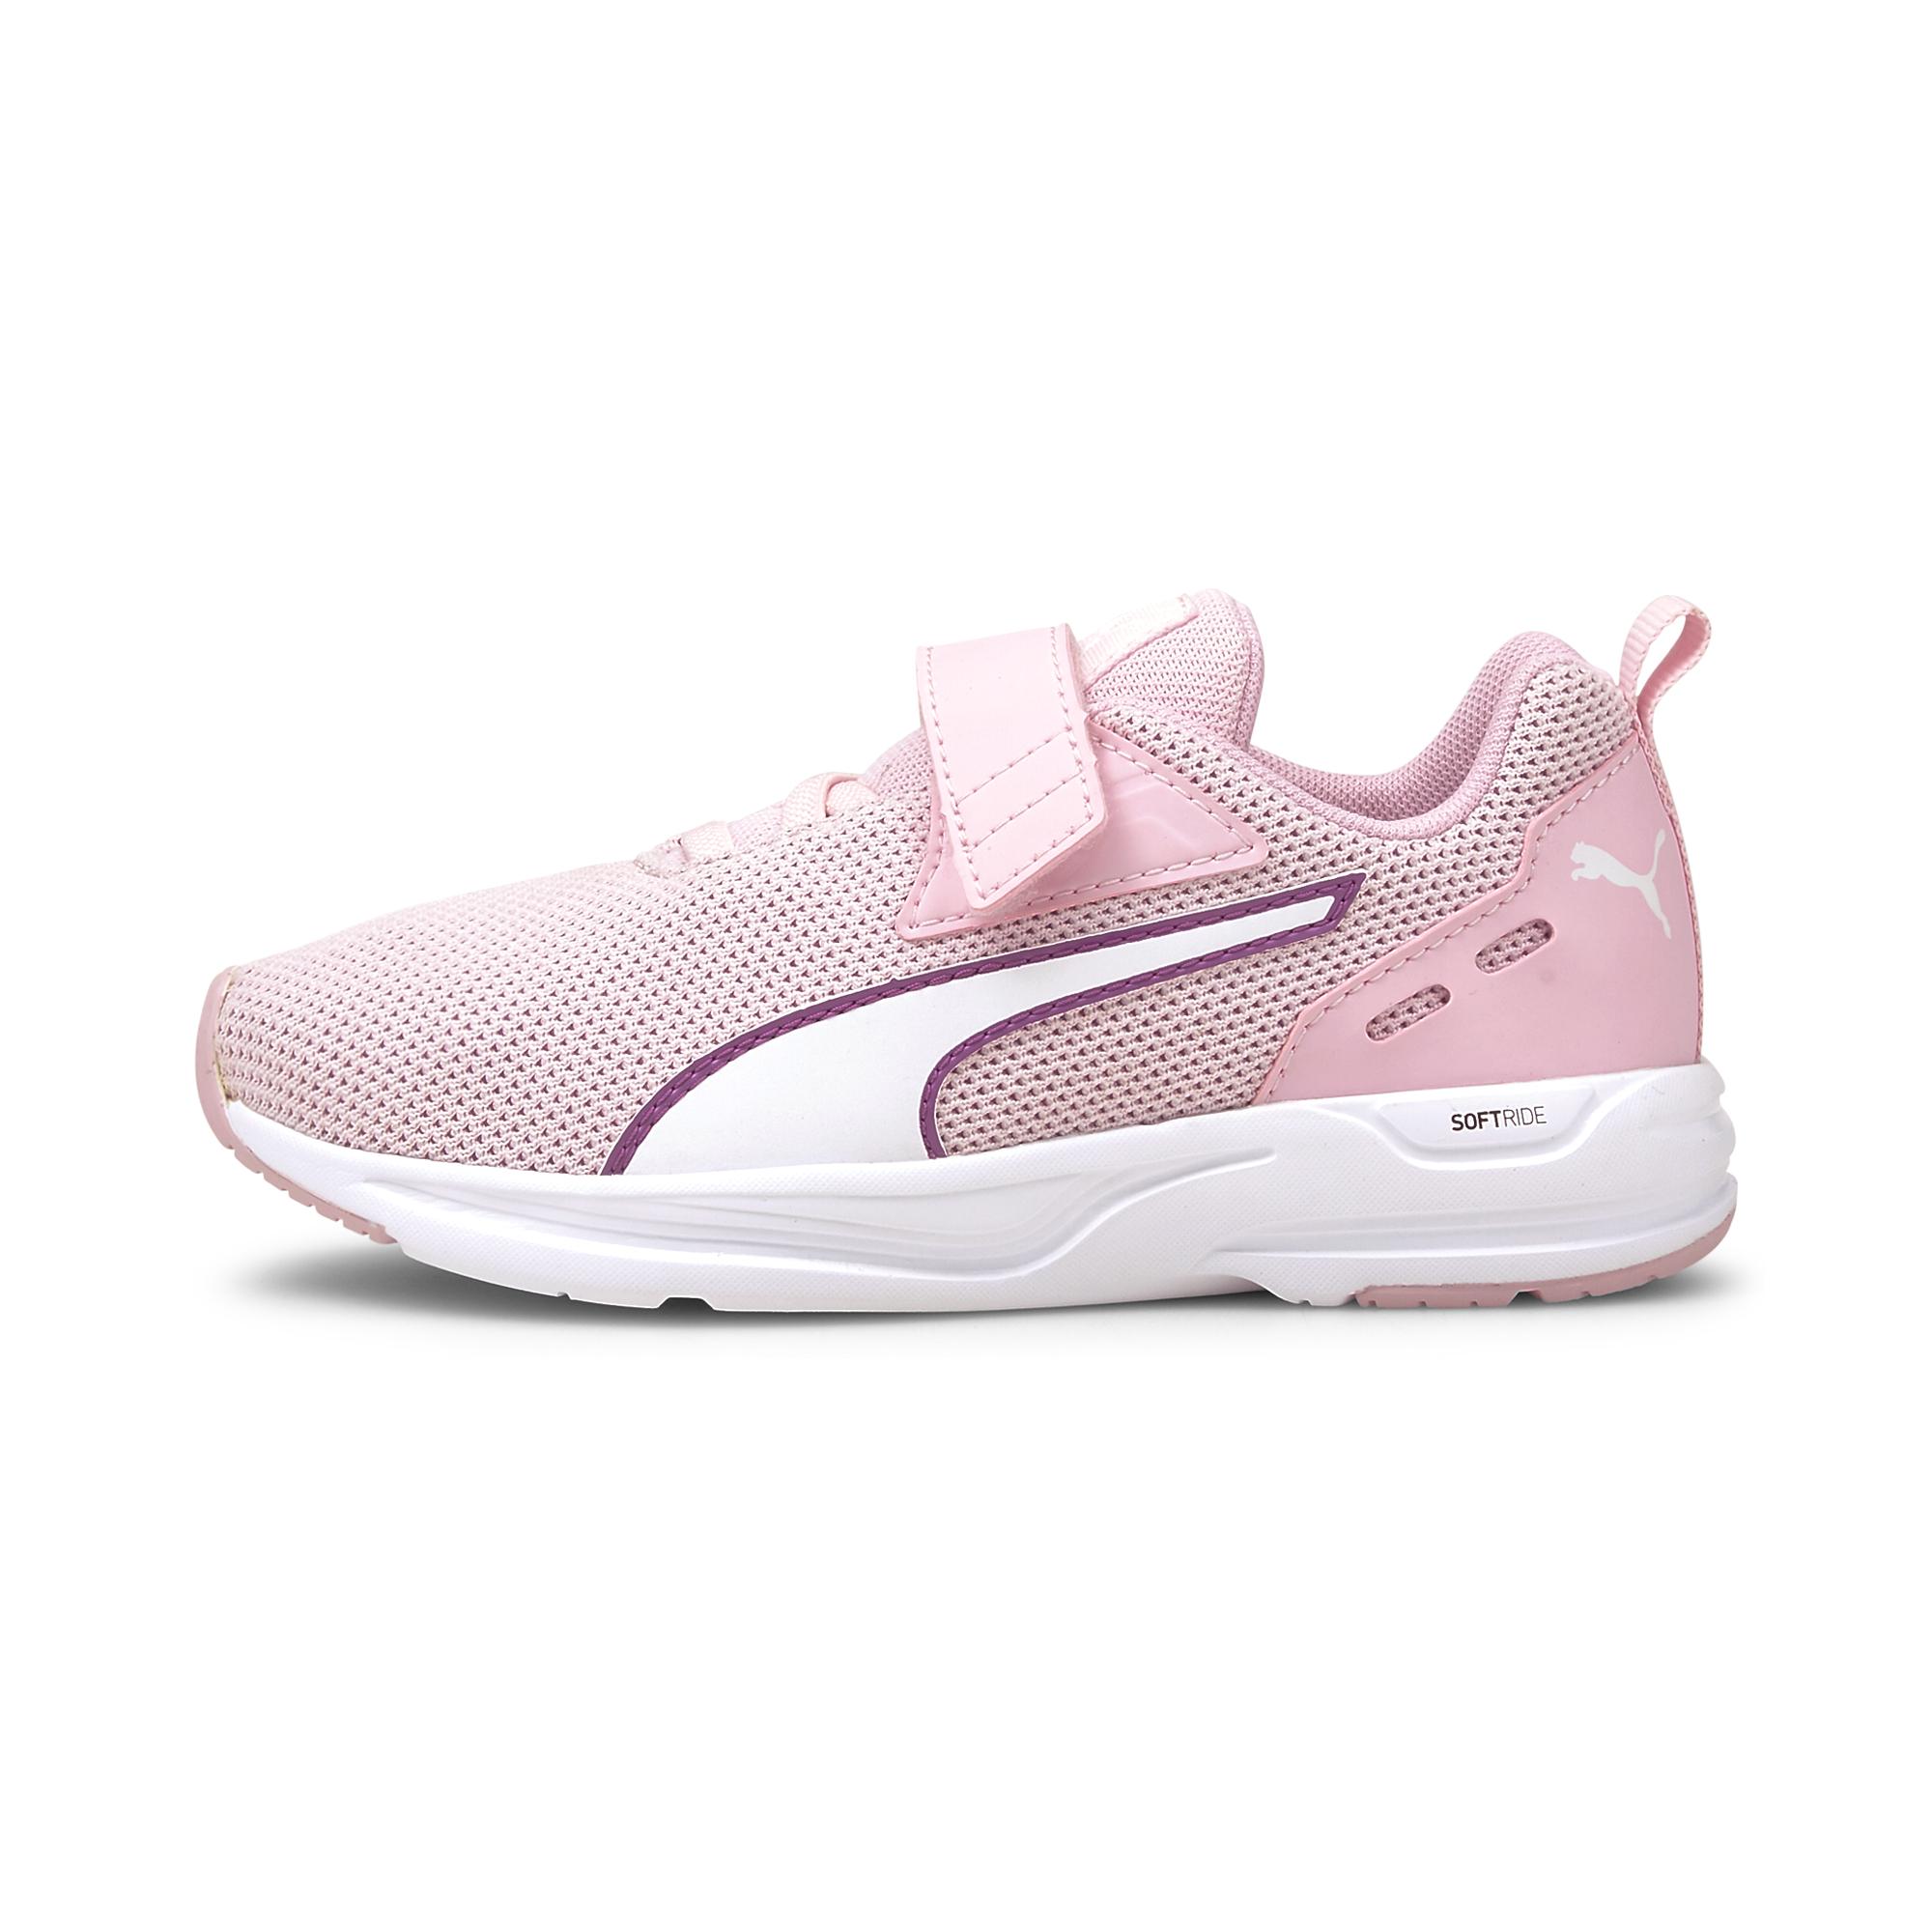 Puma Comet 2 FS V PS sneakers